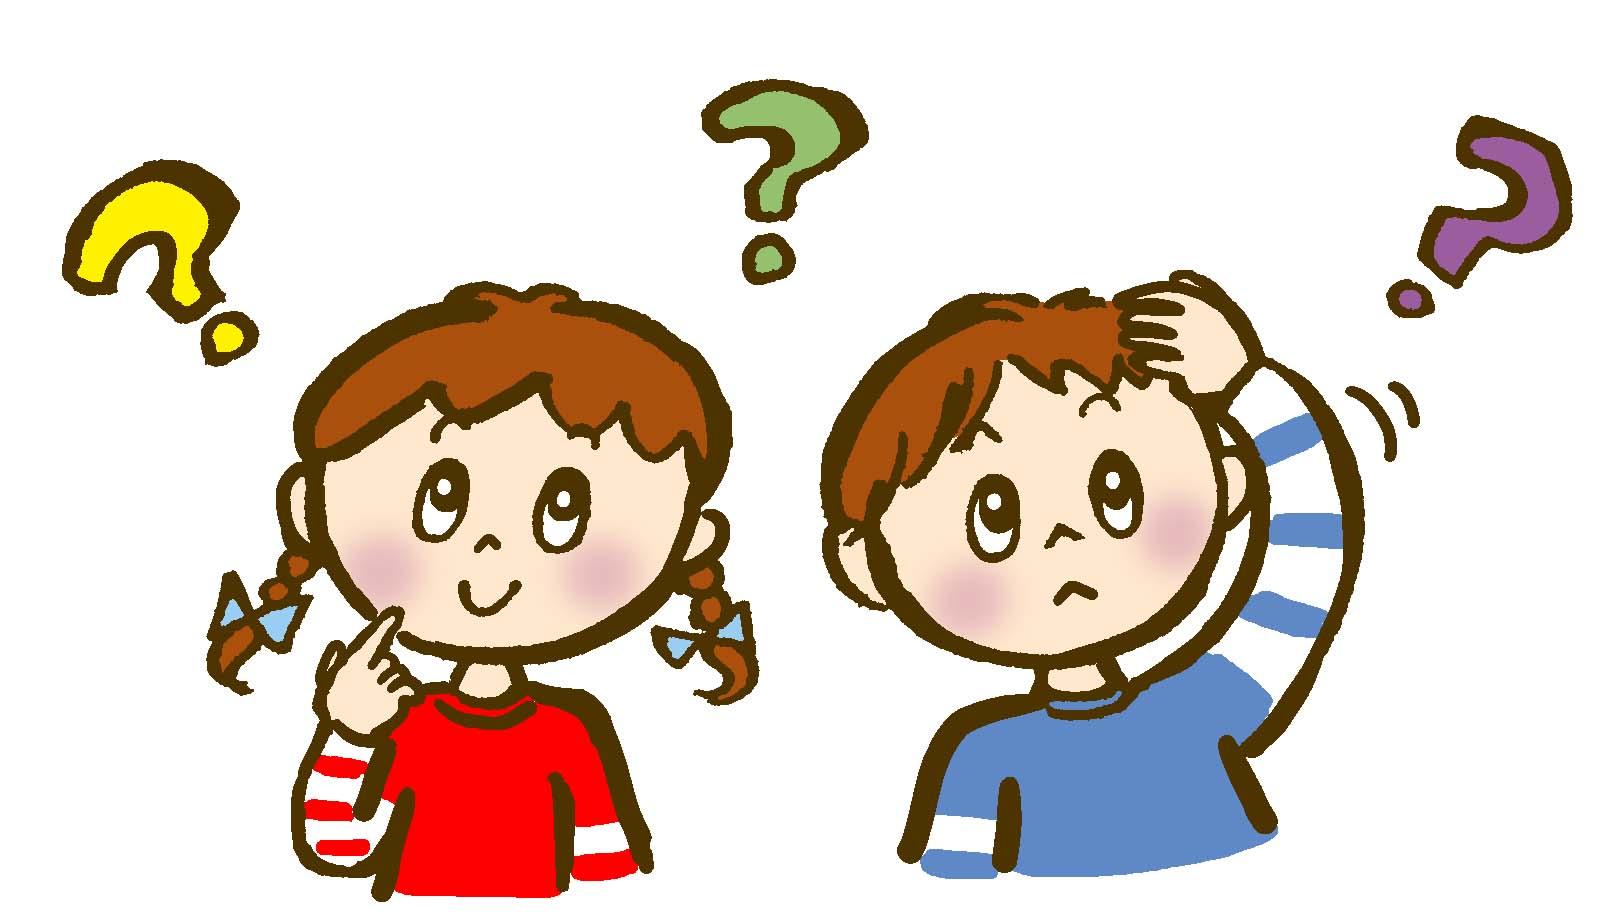 発達障害の子供の成長には周りの理解が絶対に必要